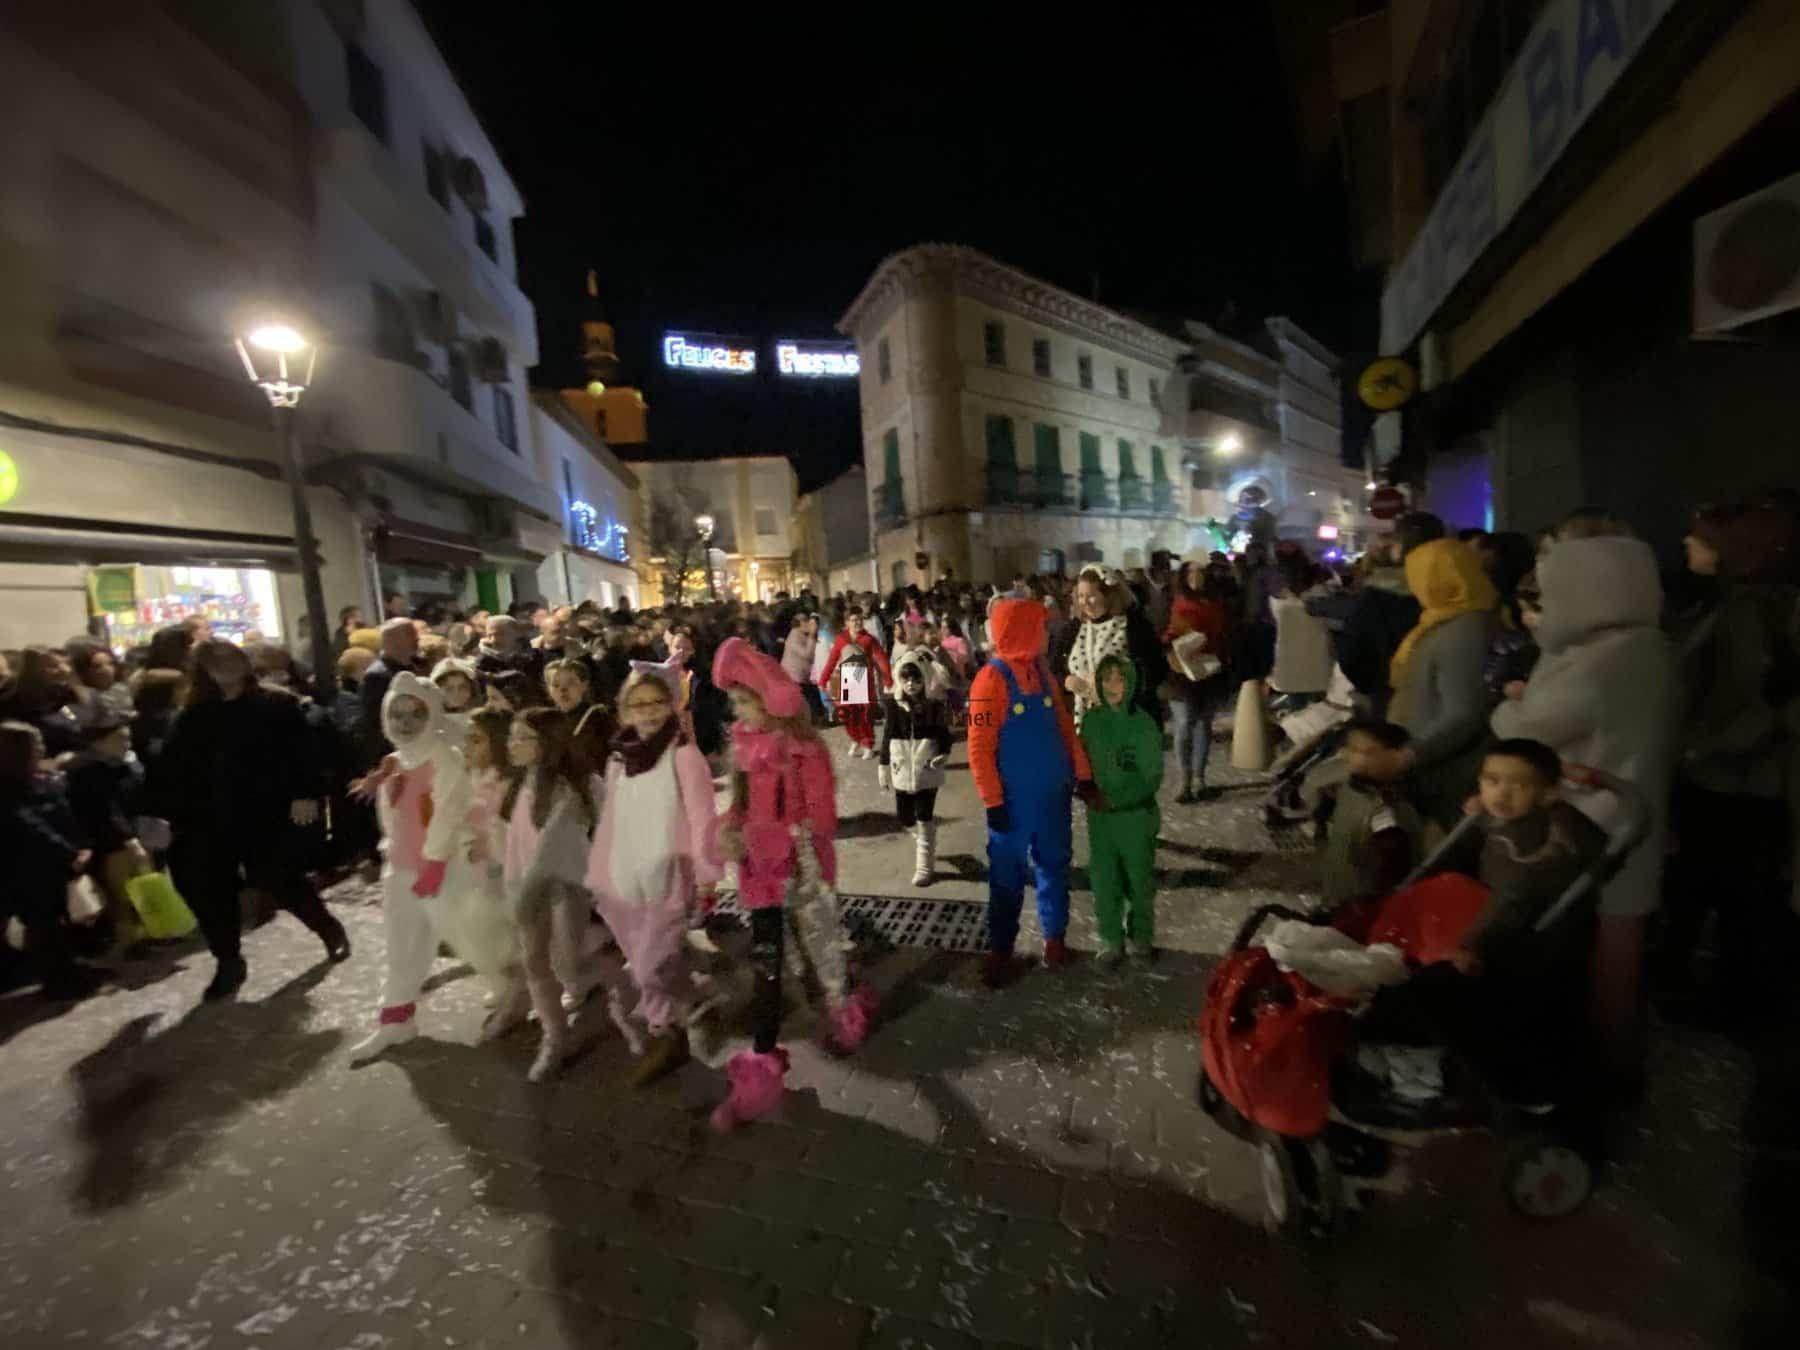 cabalgata reyes 2019 herencia 9 - Galería de fotografías de Cabalgata de Reyes Magos de Herencia